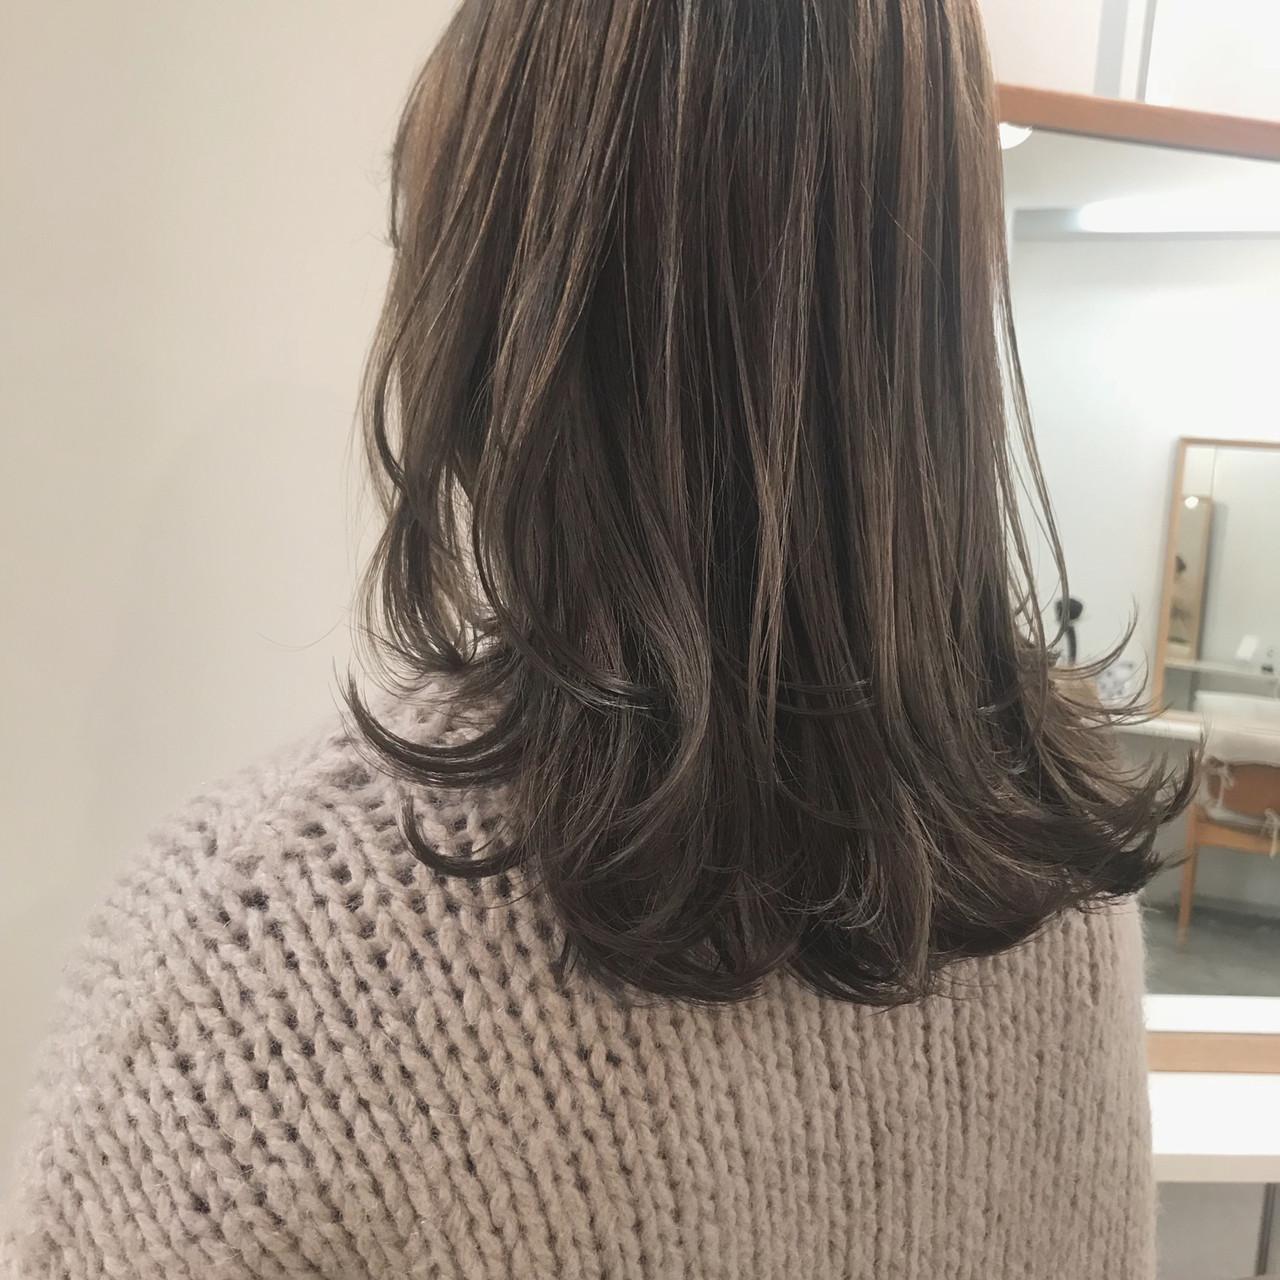 アッシュベージュ ミルクティーベージュ 透明感カラー ナチュラル ヘアスタイルや髪型の写真・画像